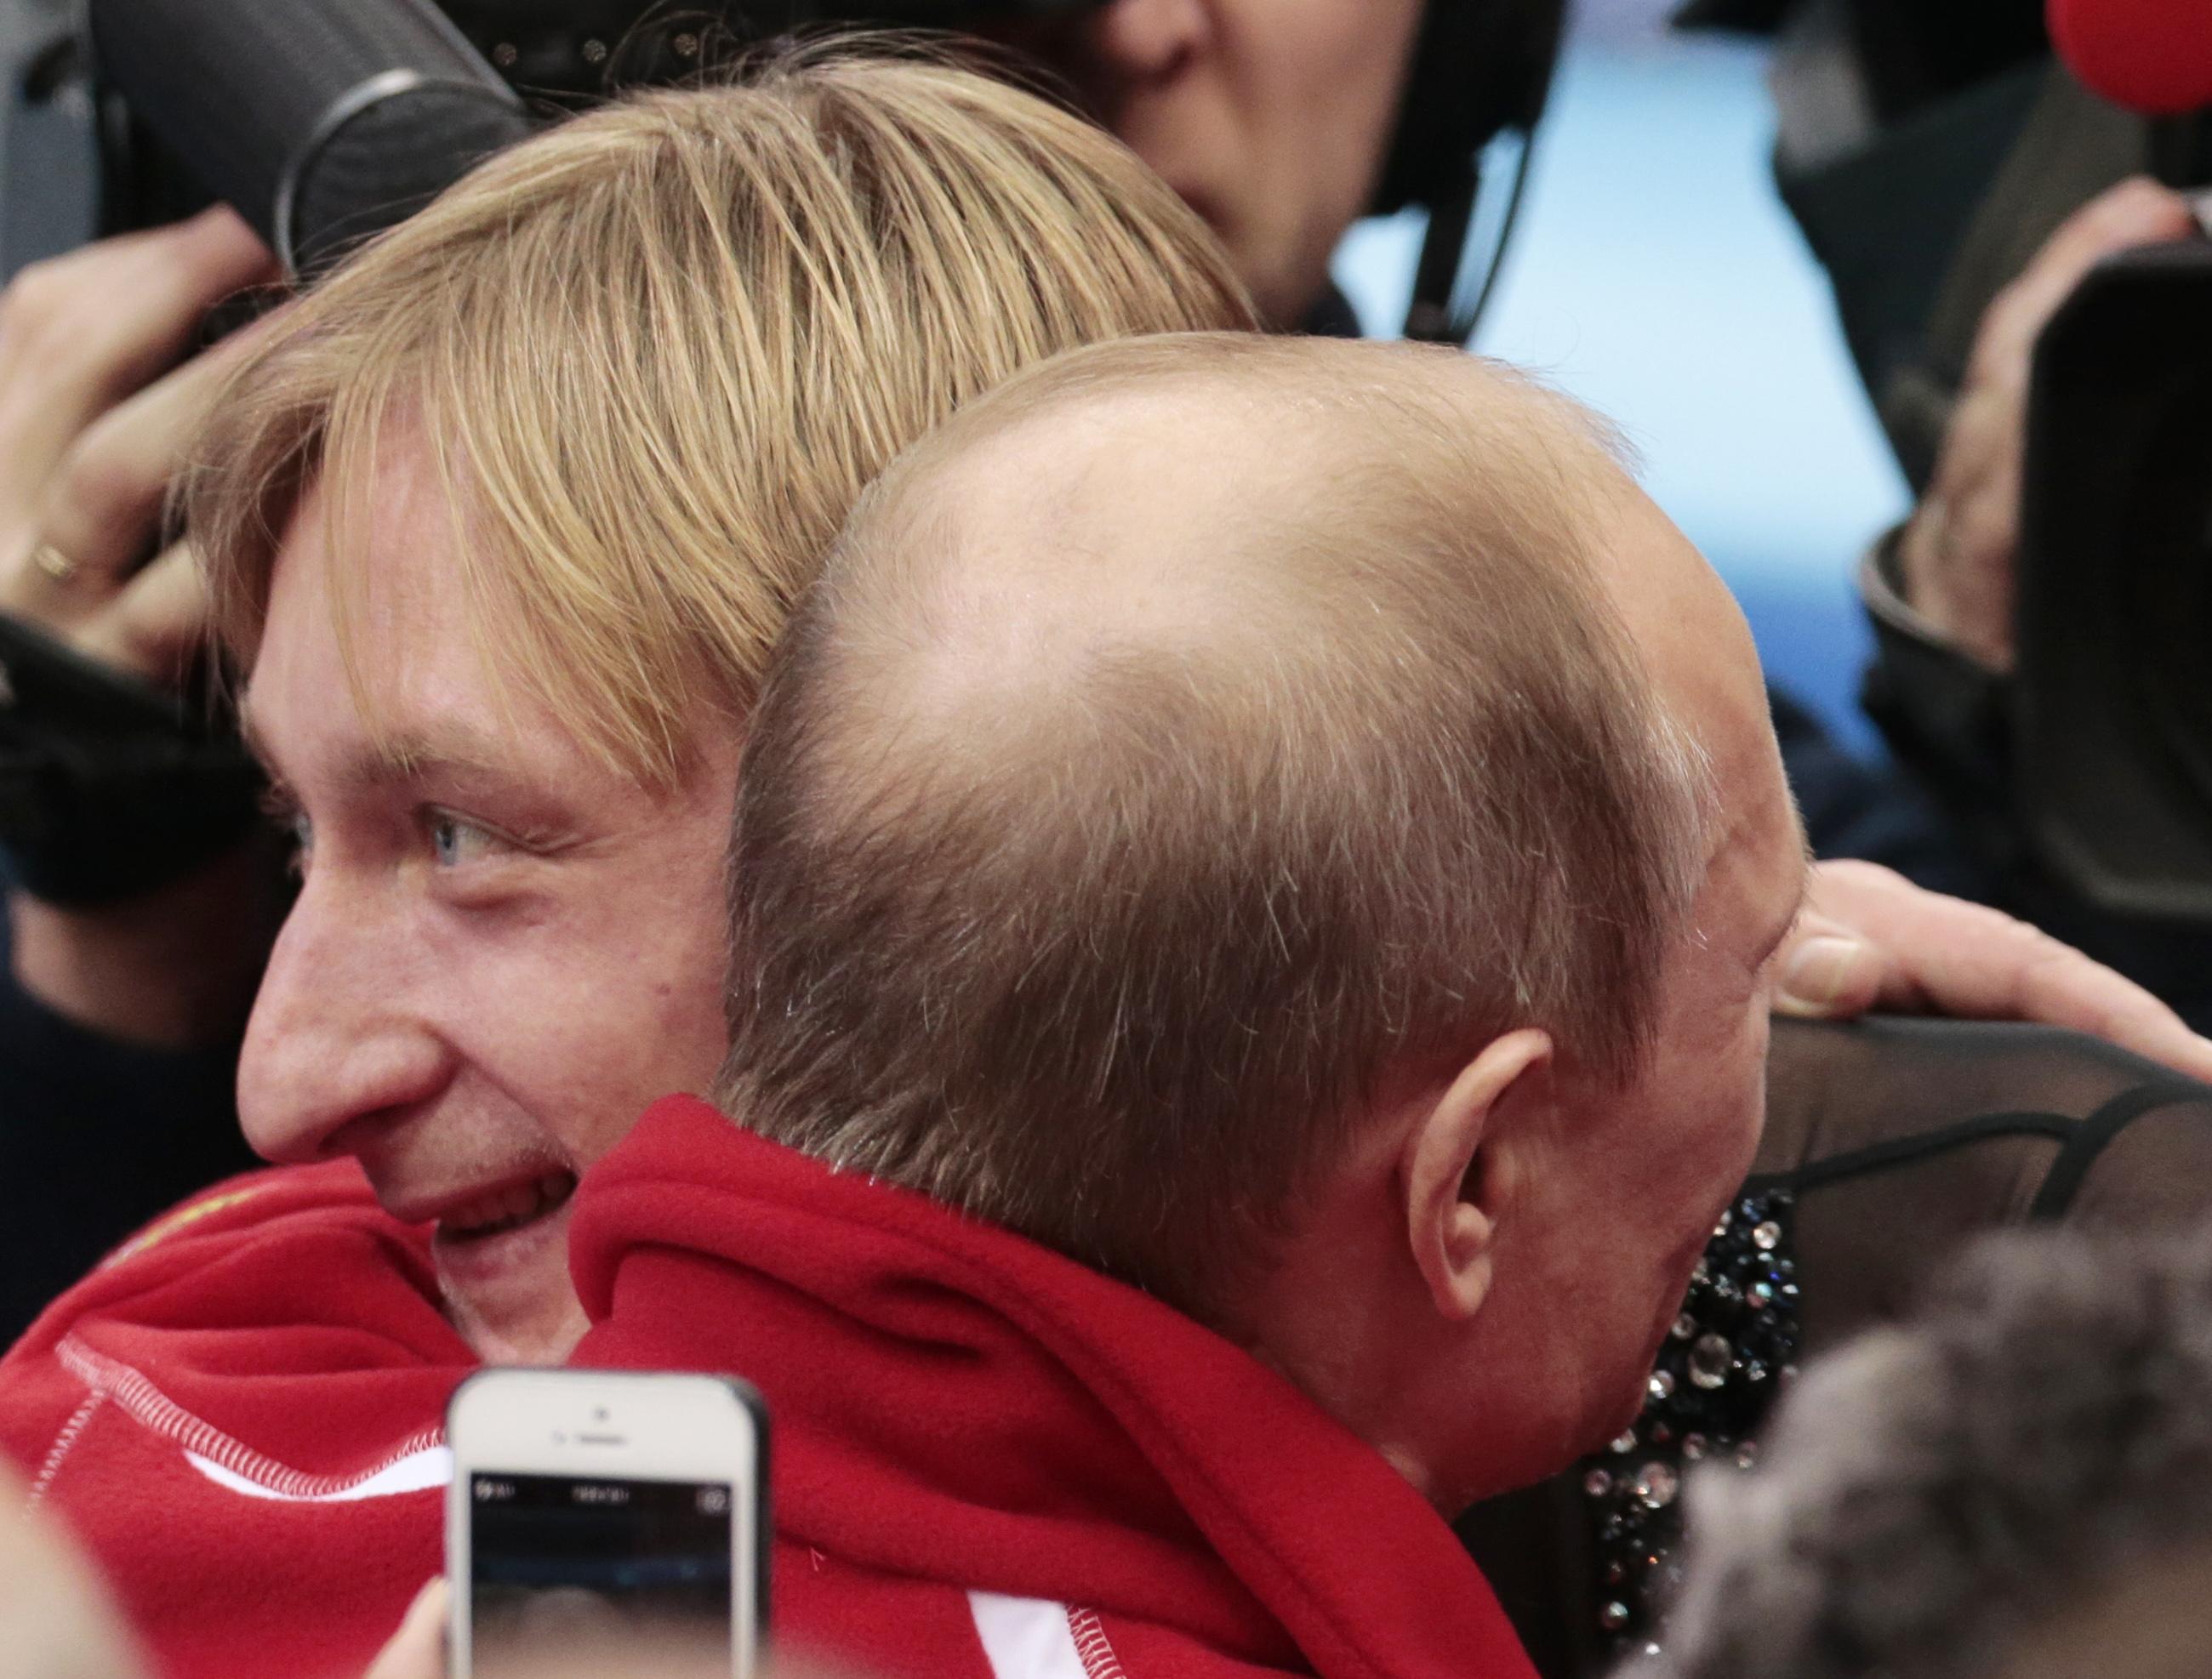 9 февраля 2014 г., Сочи. Президент России Владимир Путин поздравляет Евгения Плющенко с победой сборной России в командных соревнованиях по фигурному катанию на Олимпийских играх